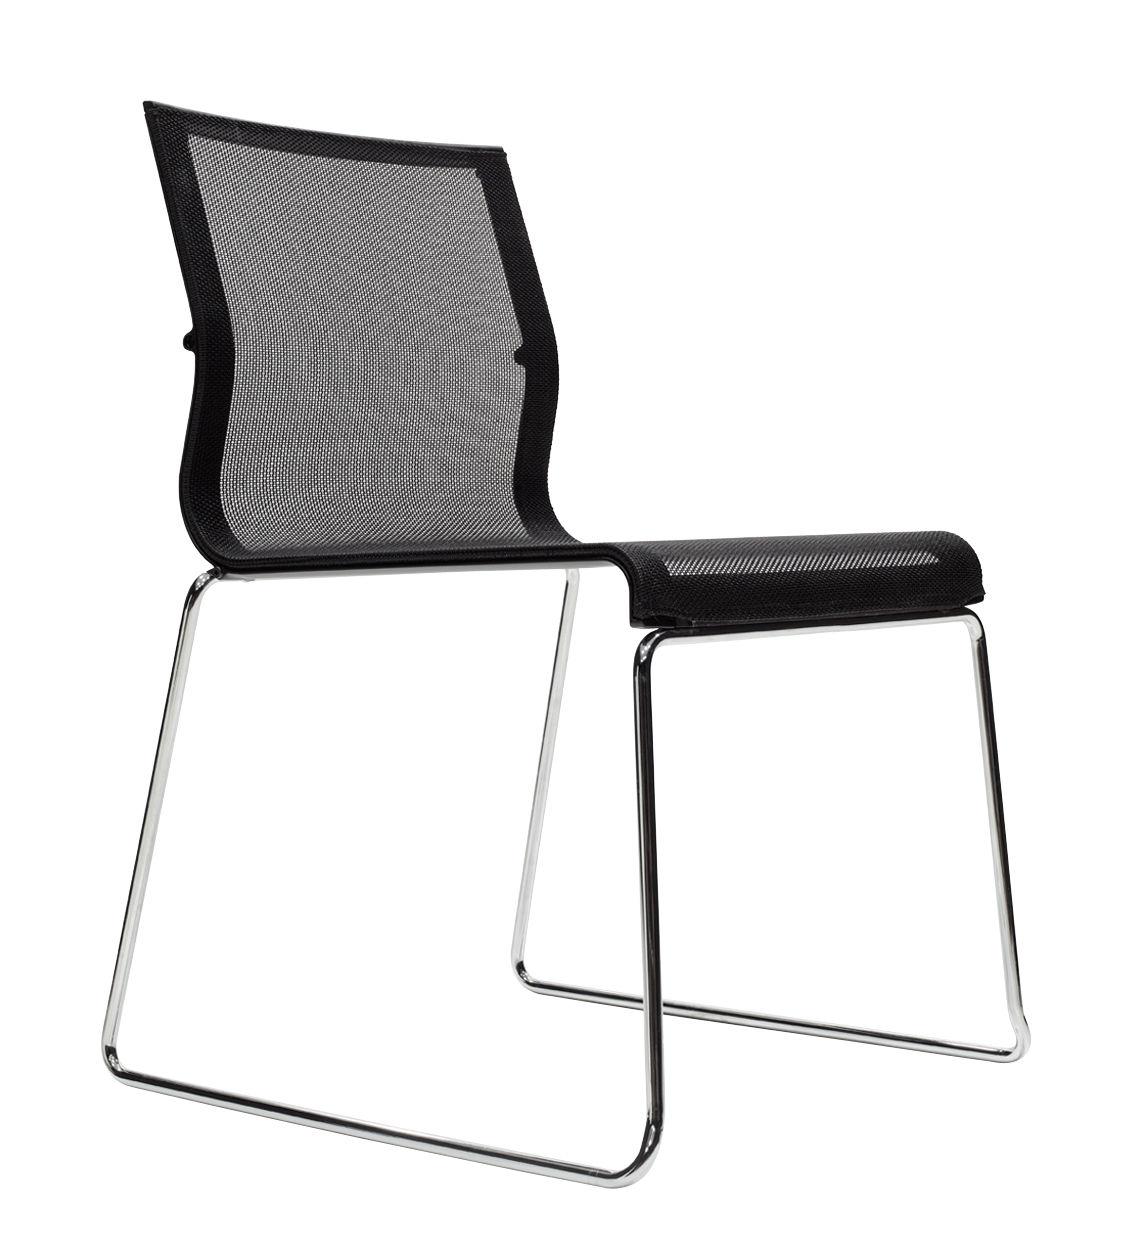 Arredamento - Sedie  - Sedia impilabile Stick Chair - sedia a base fissa - Seduta a rete di ICF - Rete in colore nero - Base cromata - Struttura laccata in colore nero - Acciaio, Alluminio, Tessuto